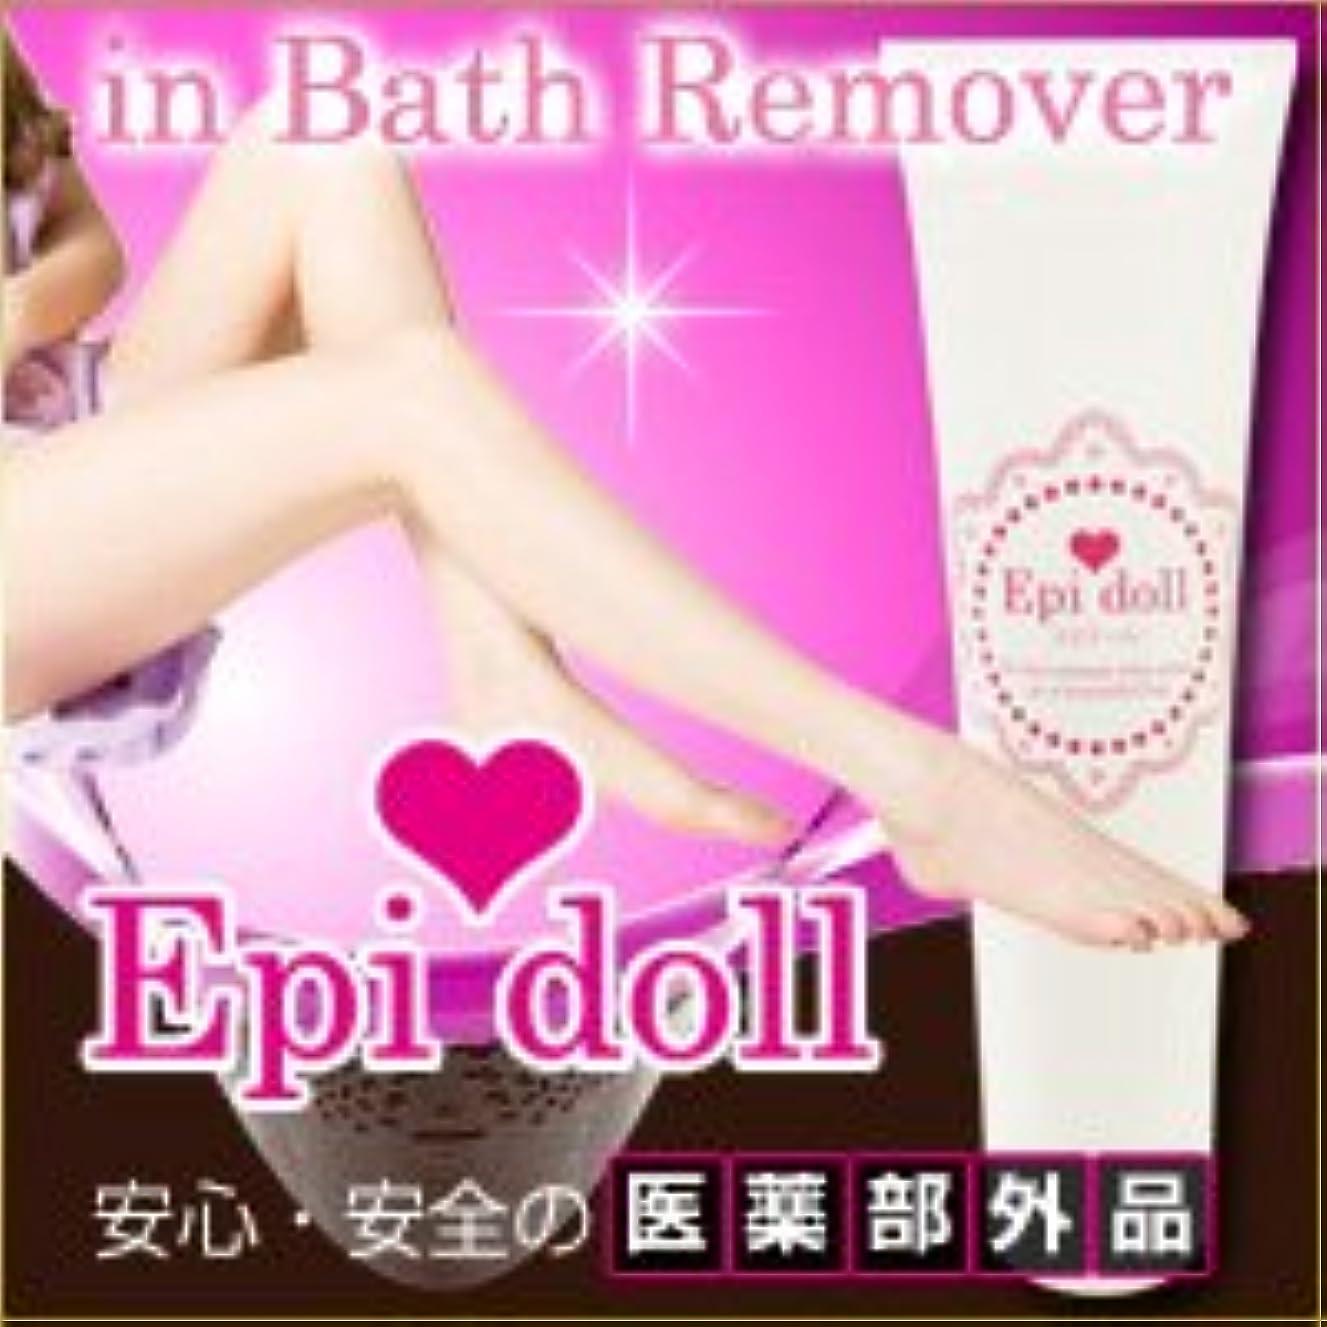 支配的出口揮発性【医薬部外品 Epi doll in bath remover(エピドール インバスリムーバー)】